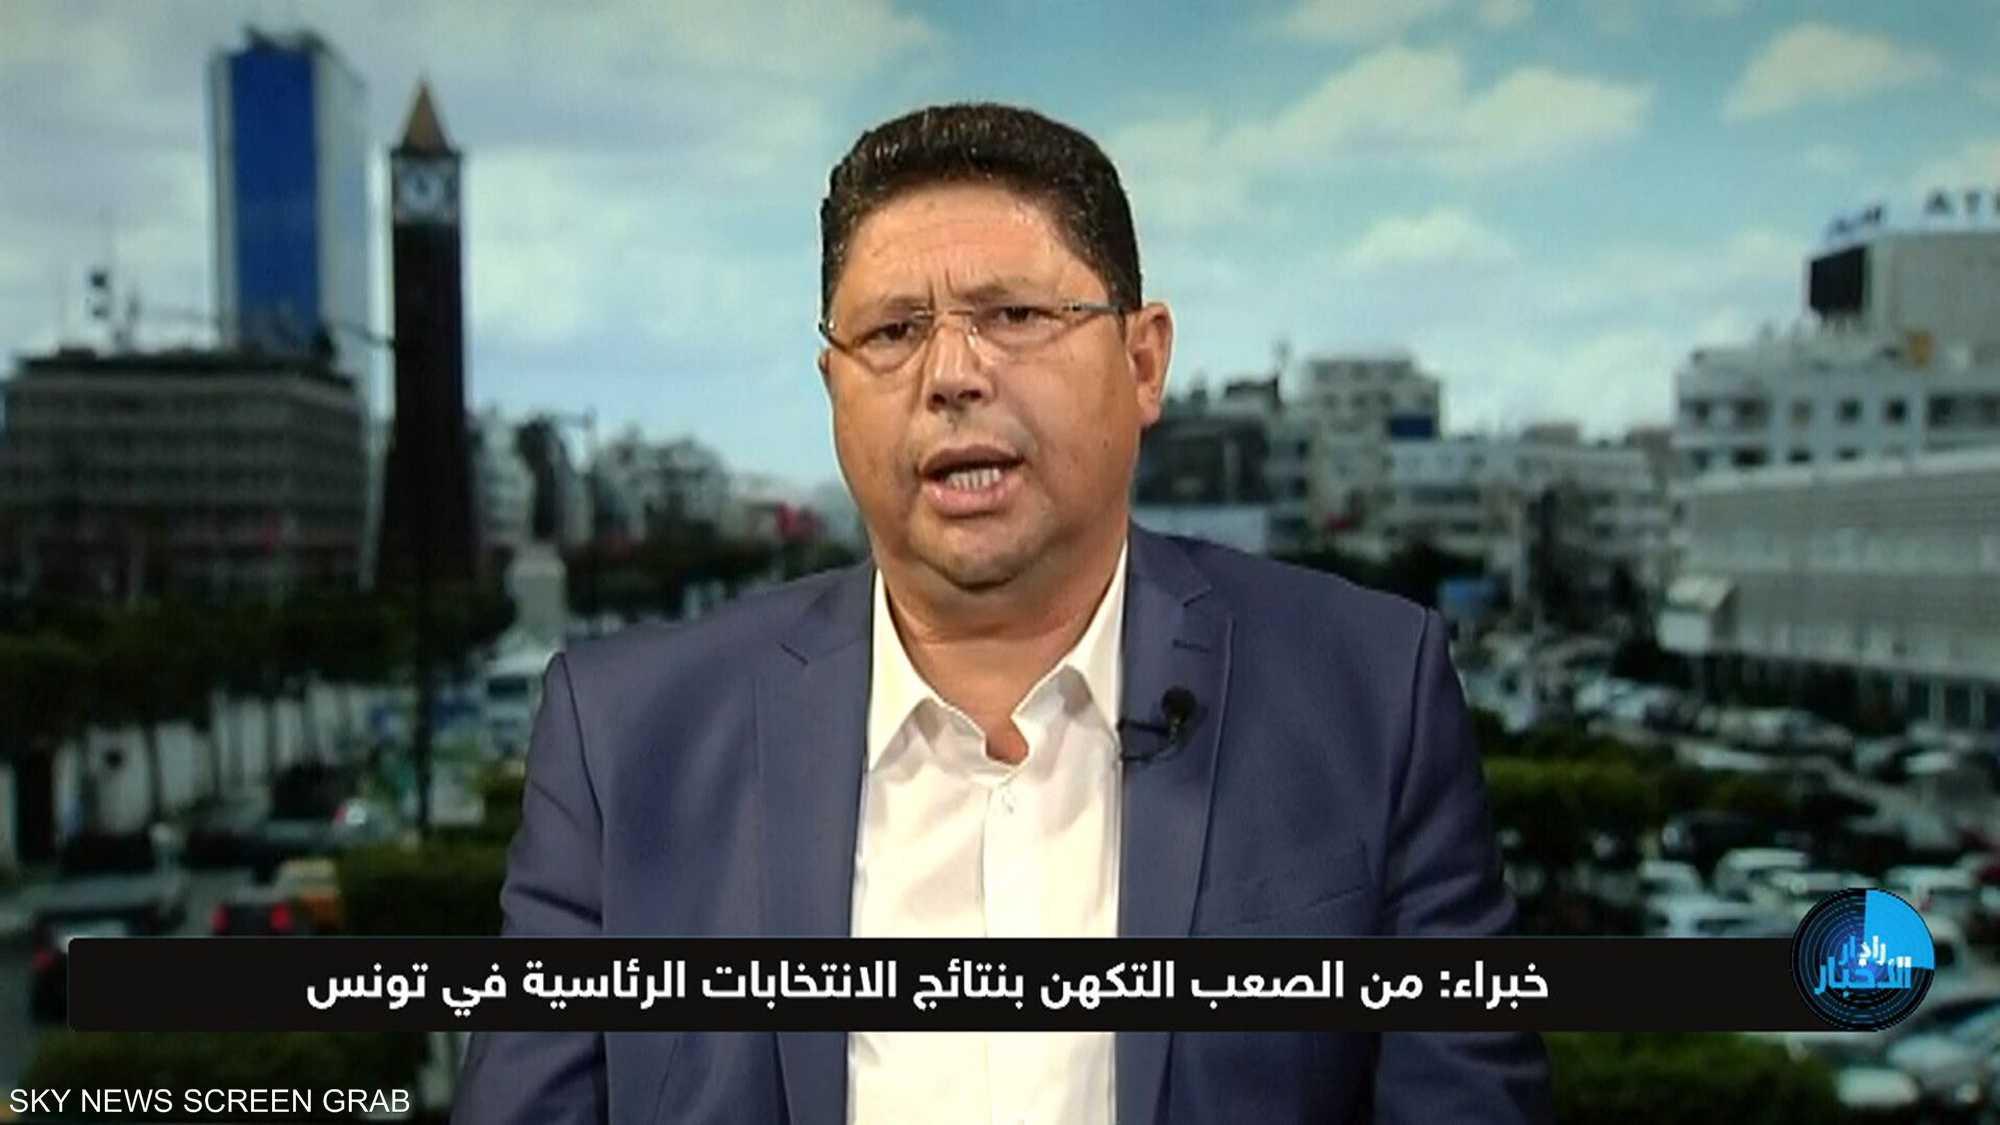 تباين الآراء بشأن المناظرات بين مرشحي الرئاسة بتونس